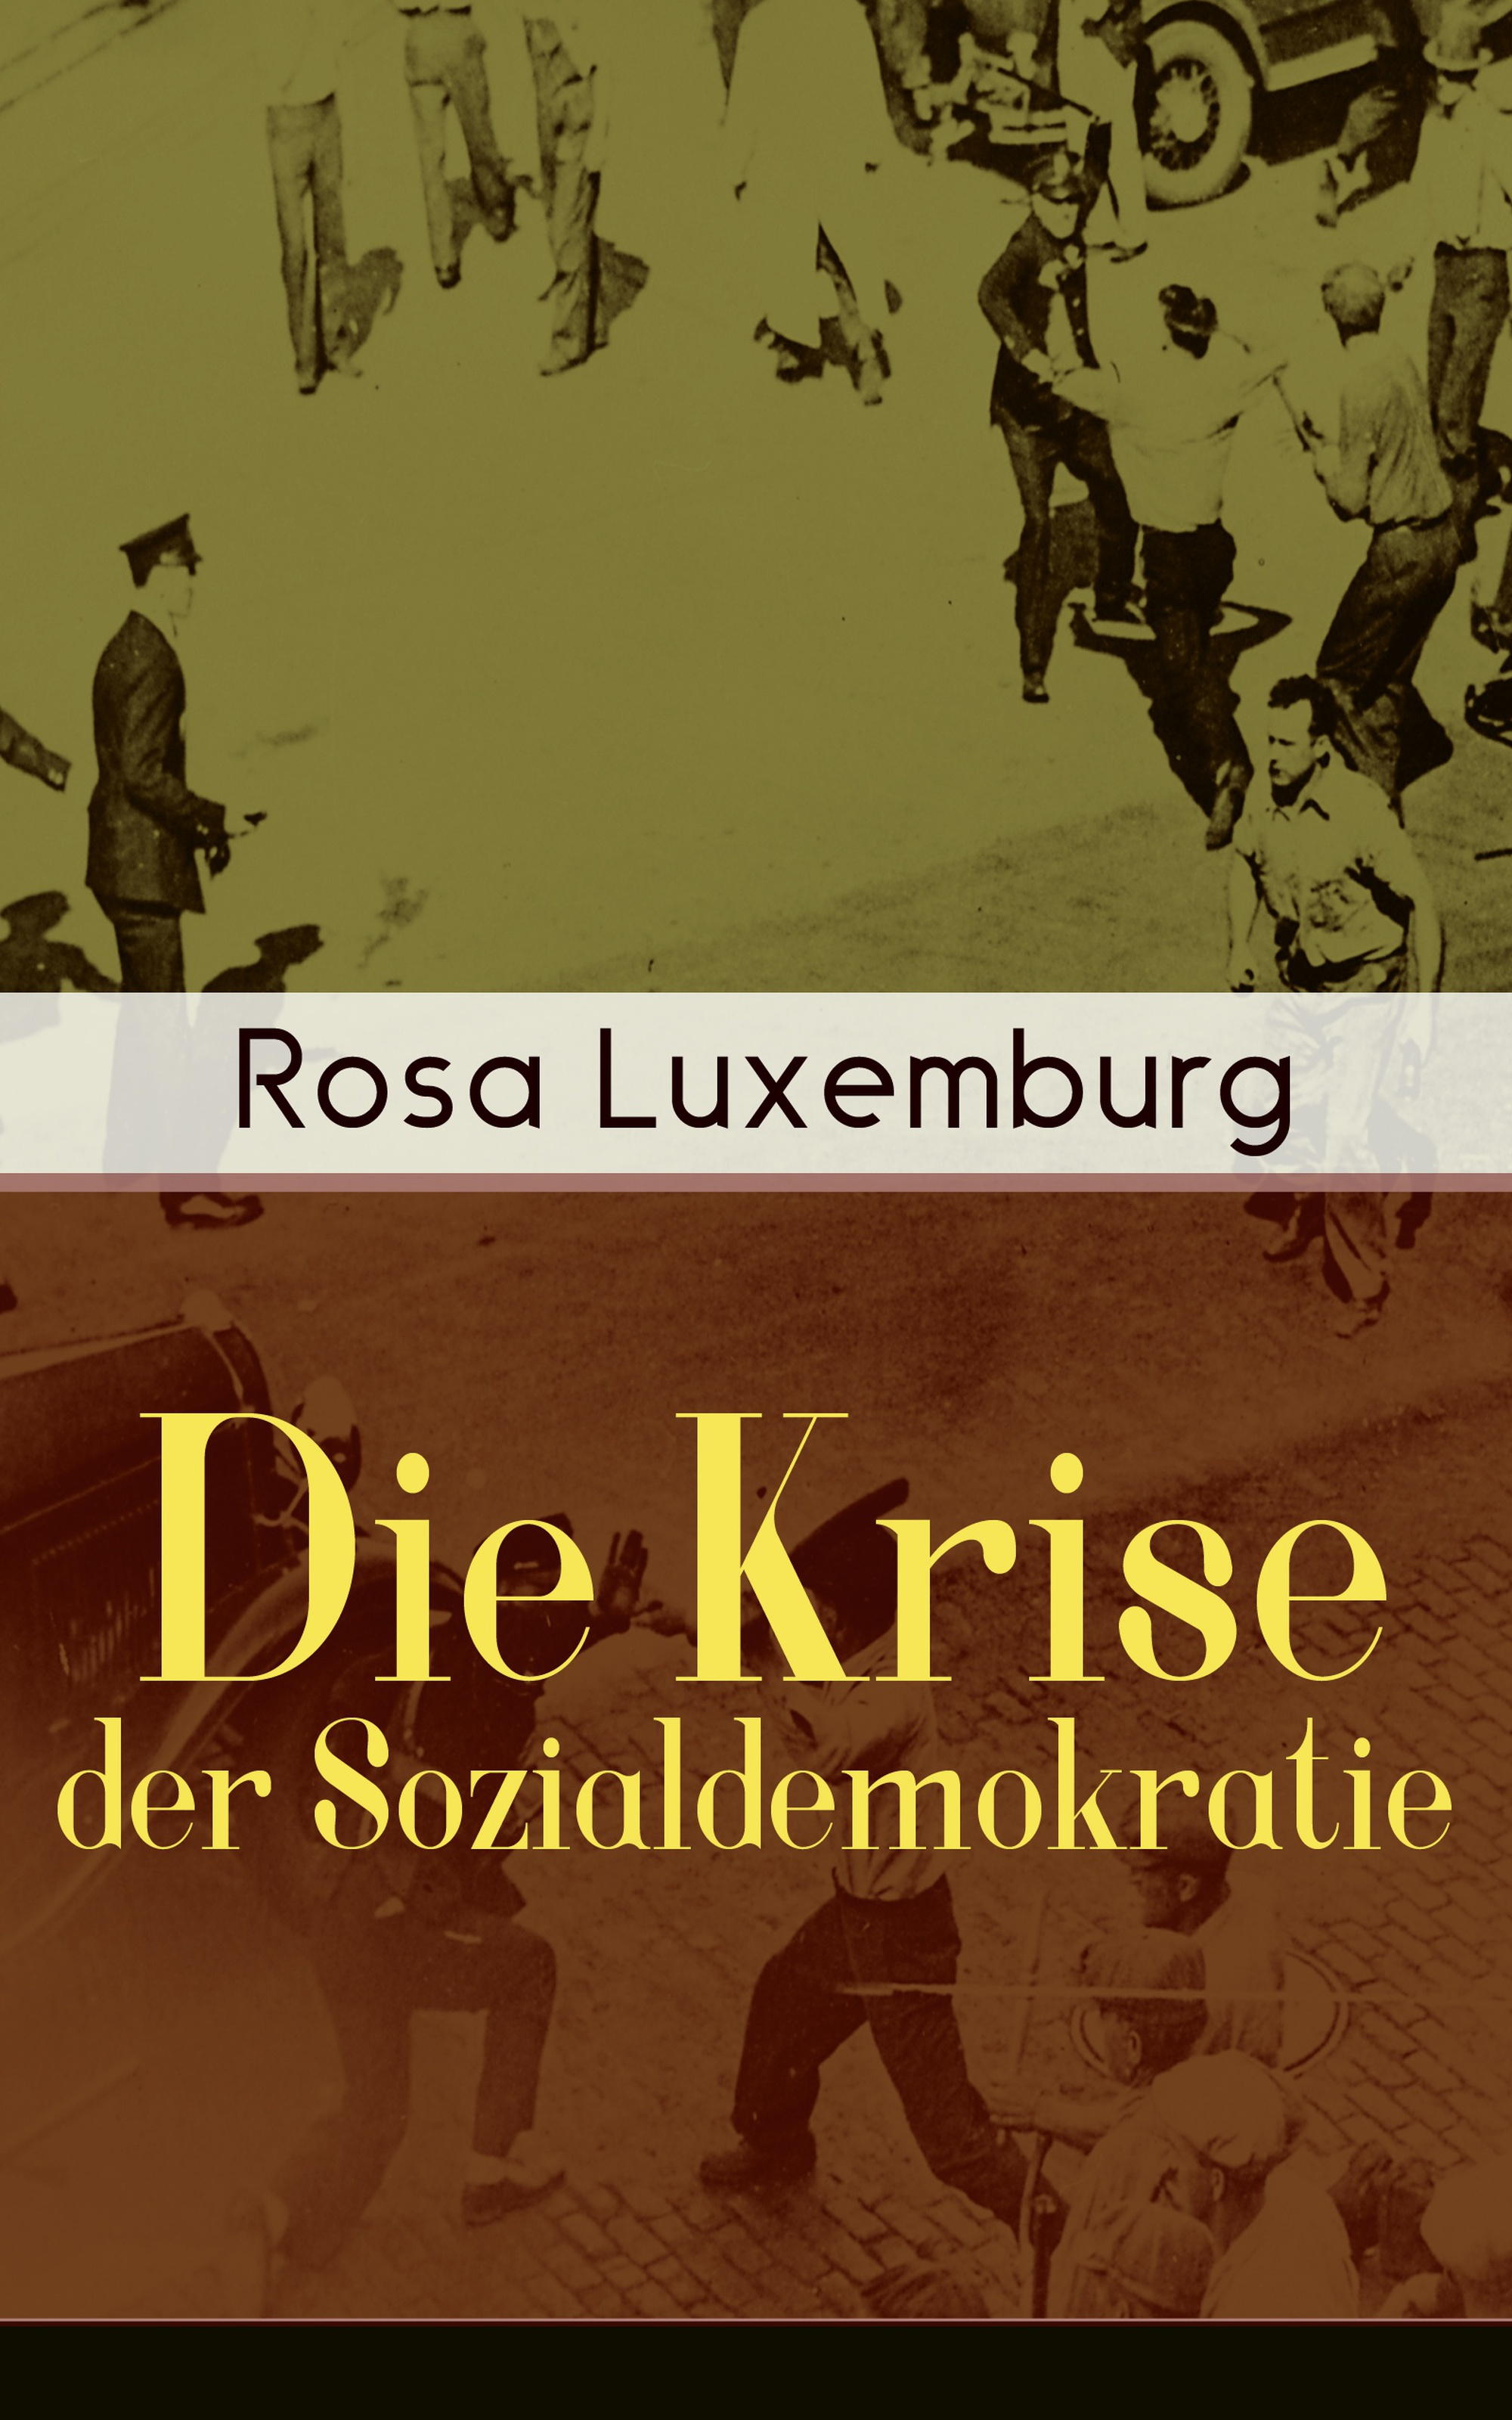 Rosa Luxemburg Die Krise der Sozialdemokratie